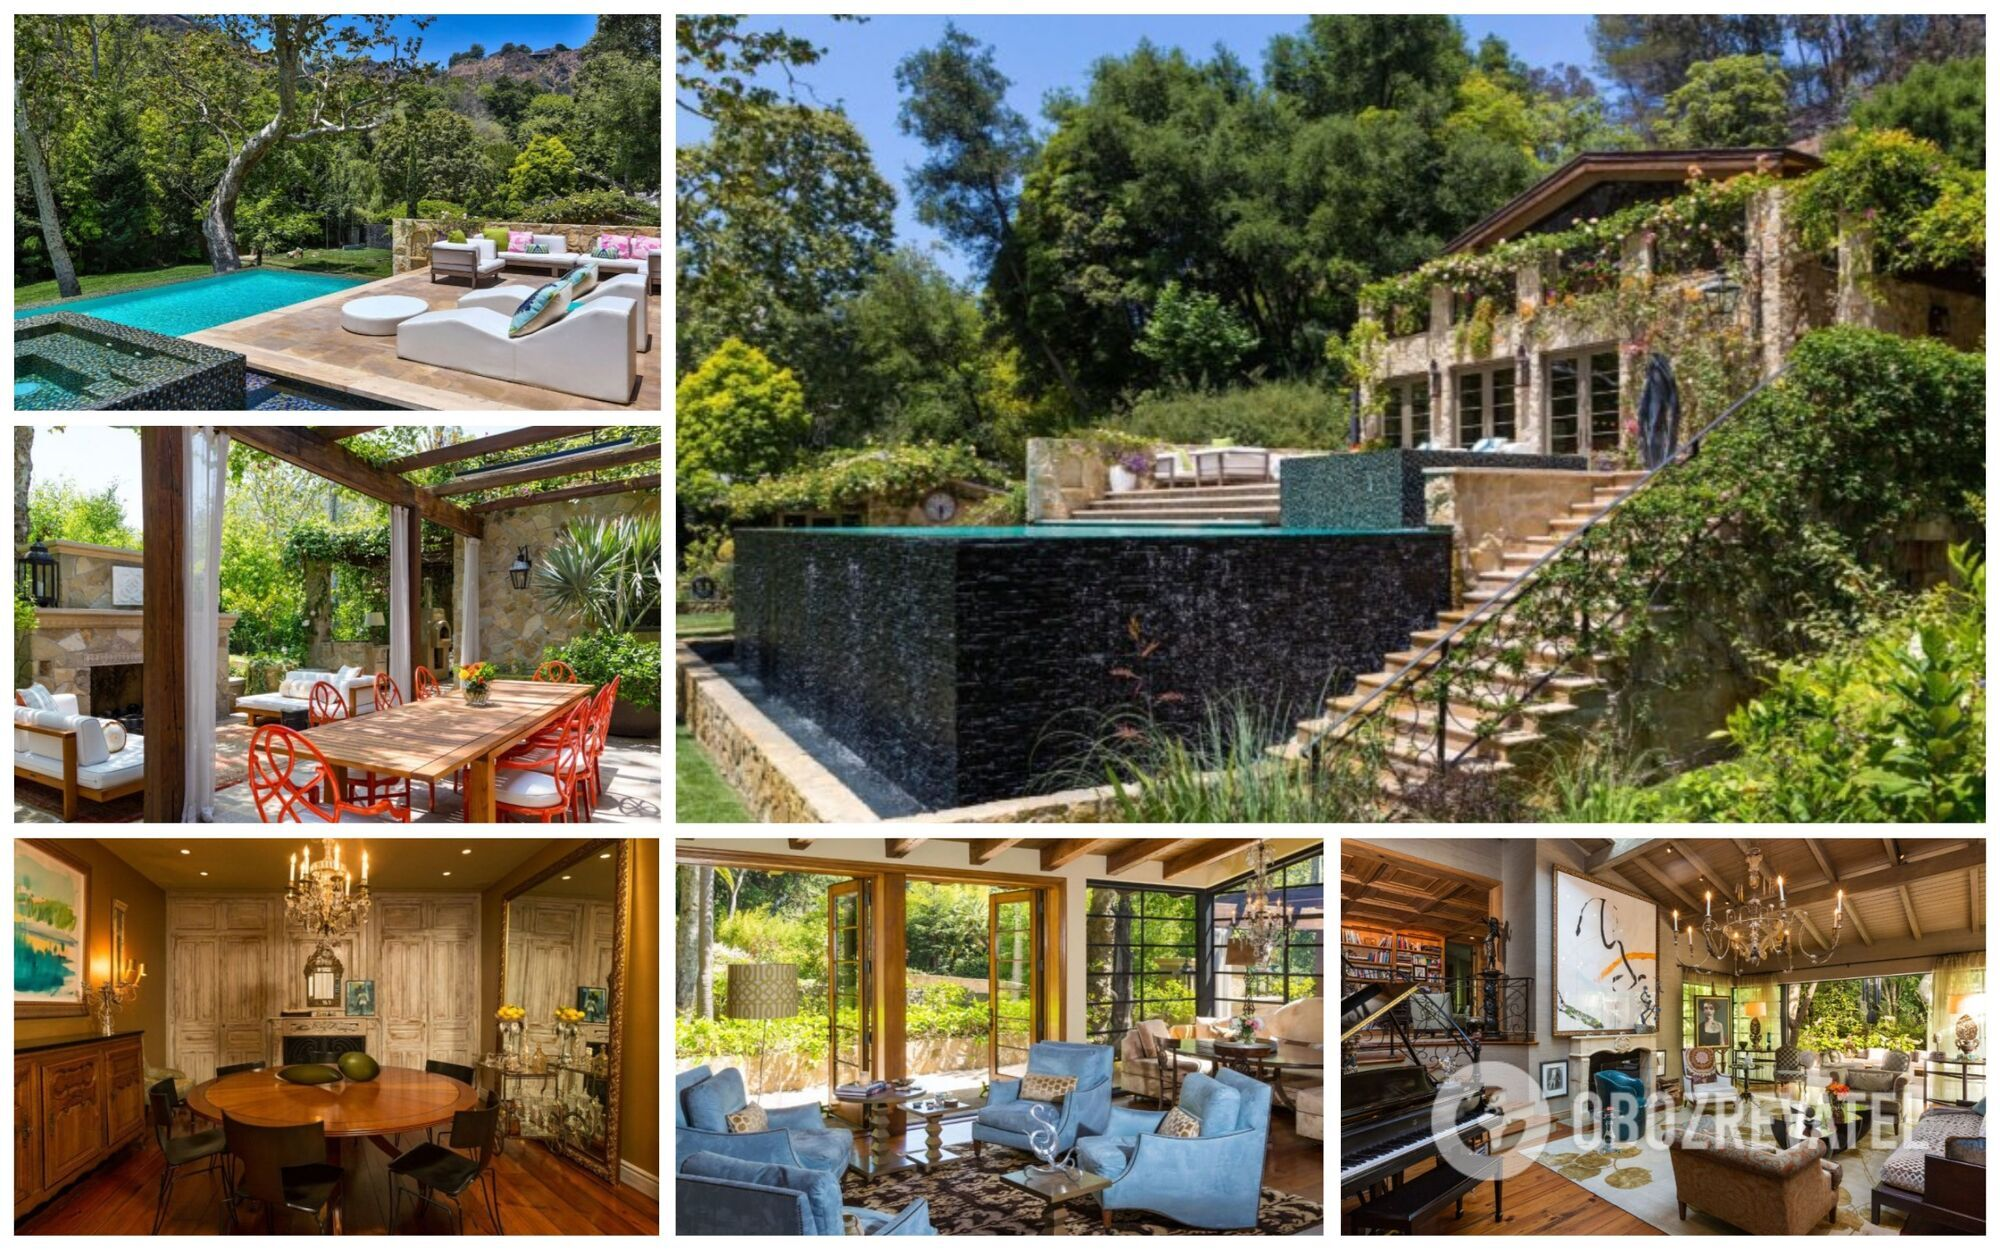 Будинок Джей Ло займає понад три гектари в престижному районі Бель-Ейр